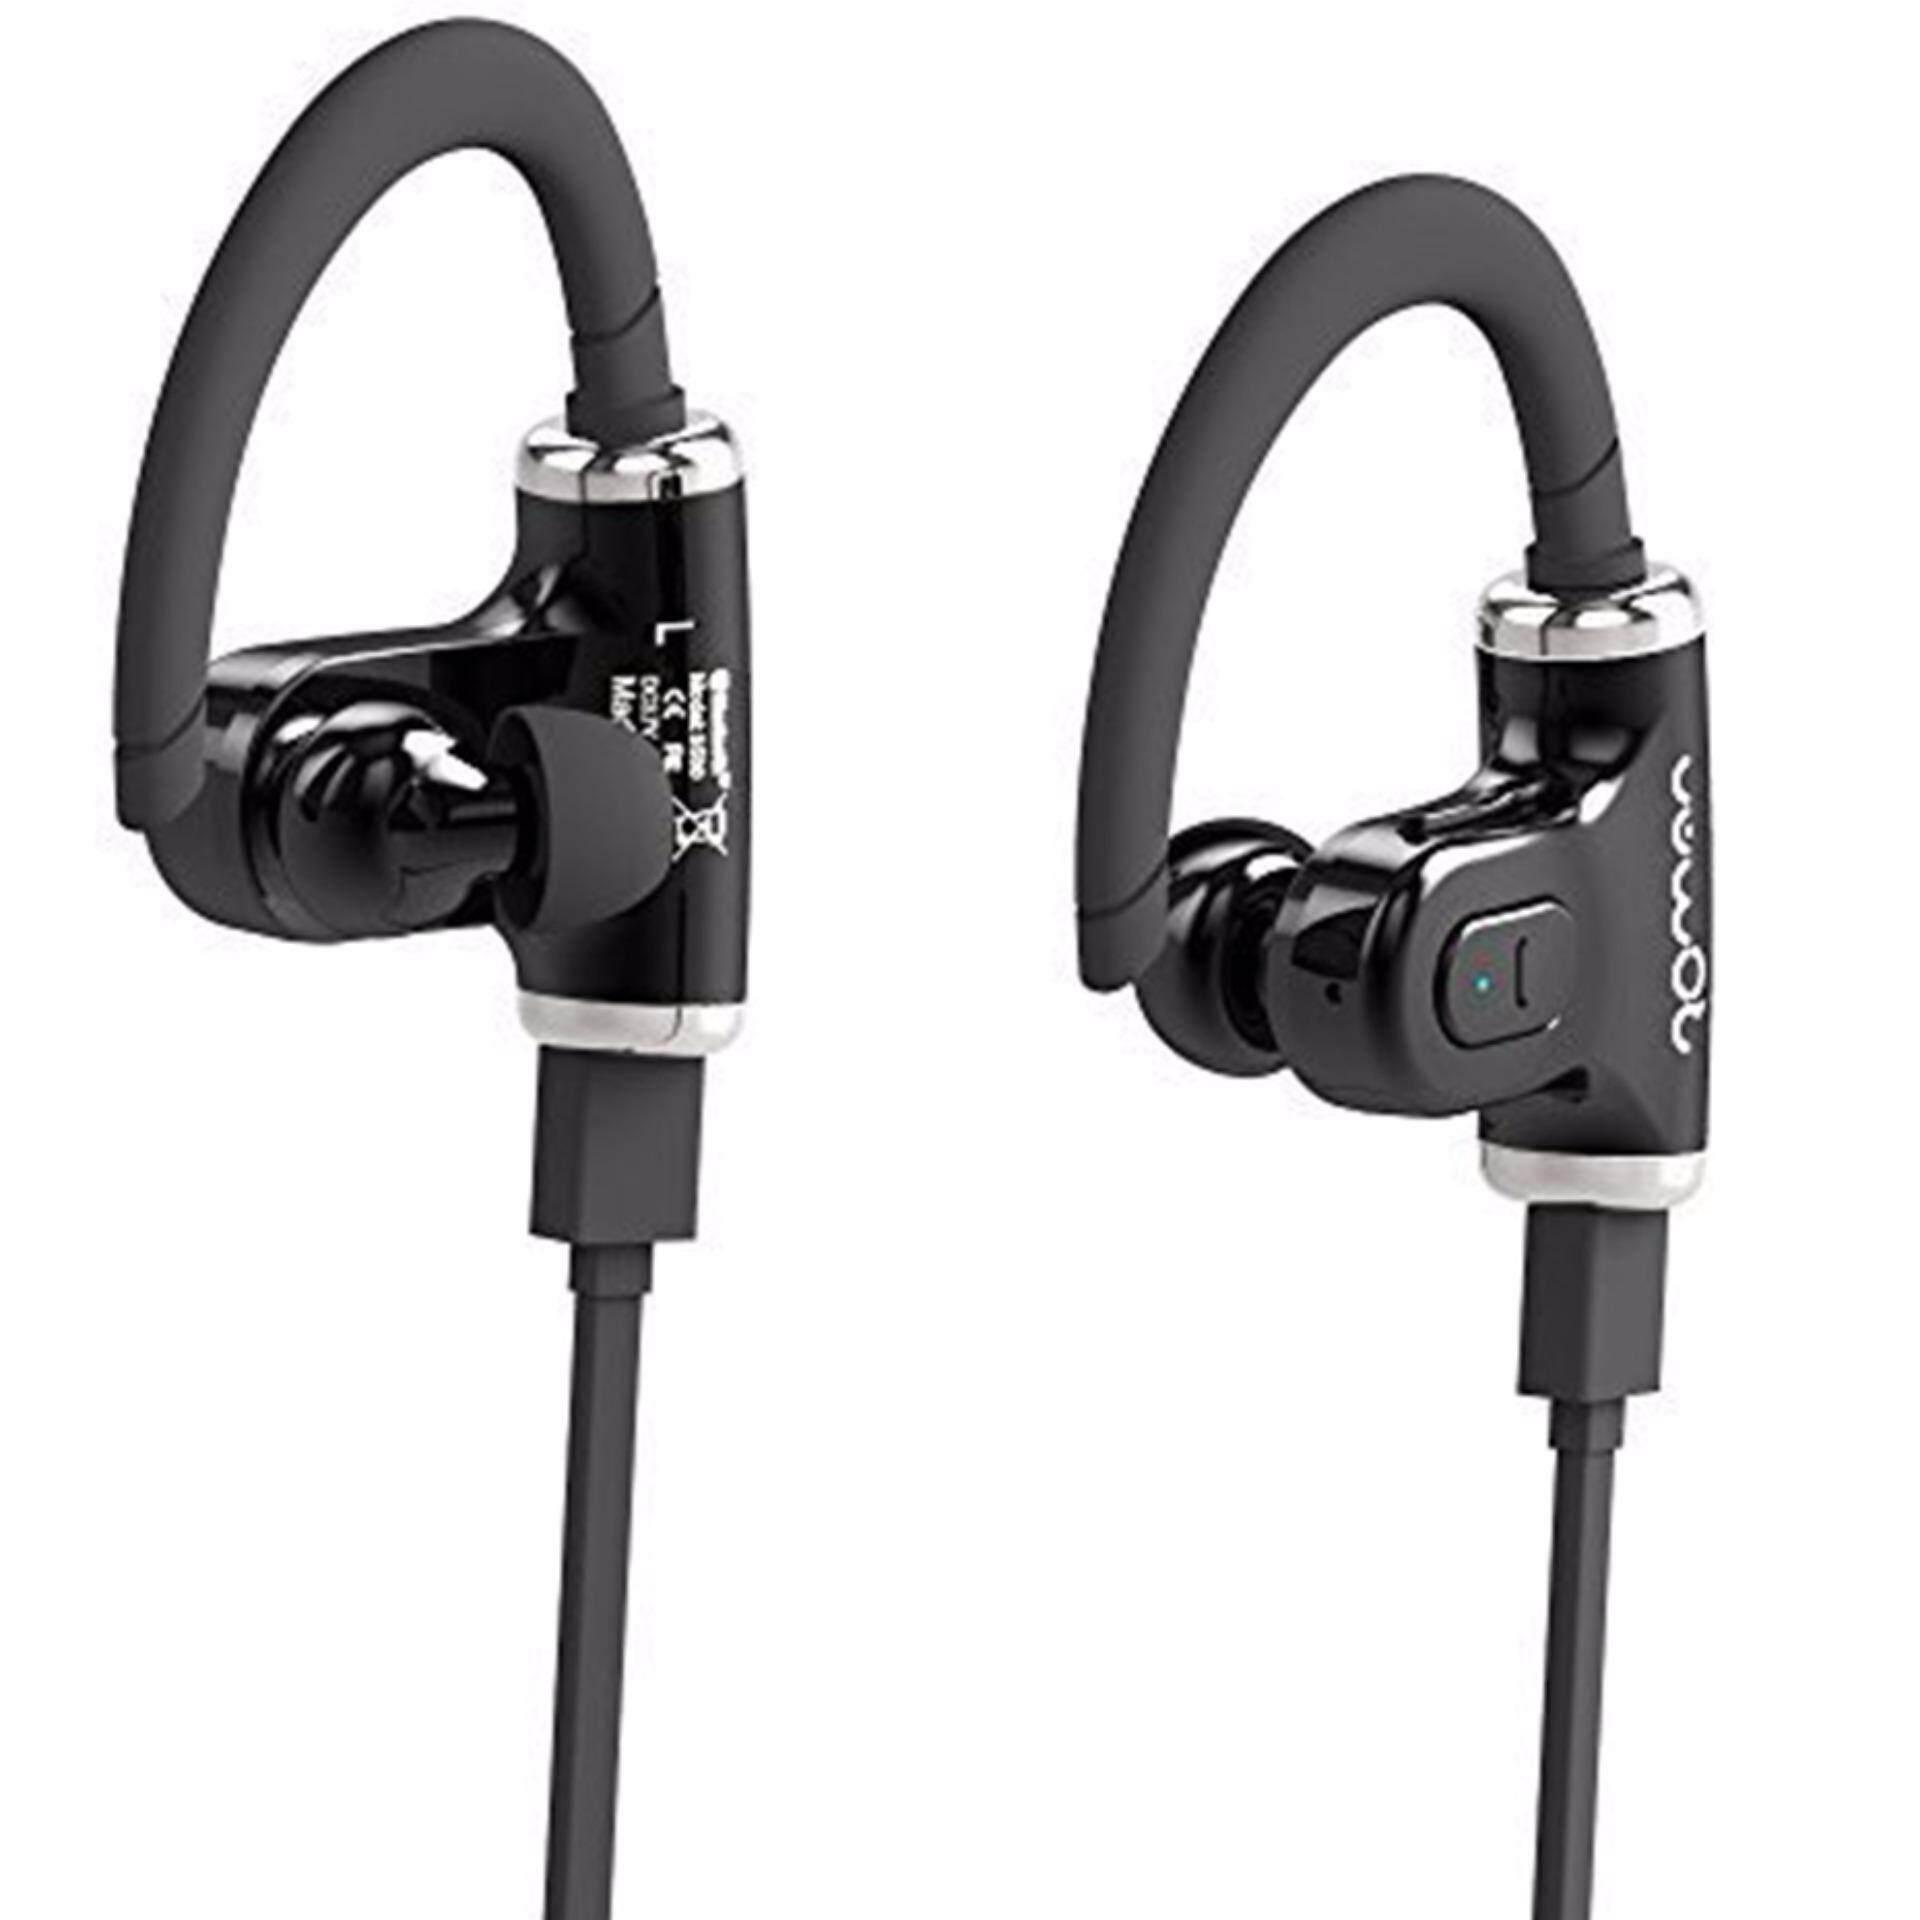 Allimity 2 Xpack Nirkabel Bluetooth Hai Fi Stereo Headphone dengan Mikrofon untuk Ponsel Pintar (Hitam